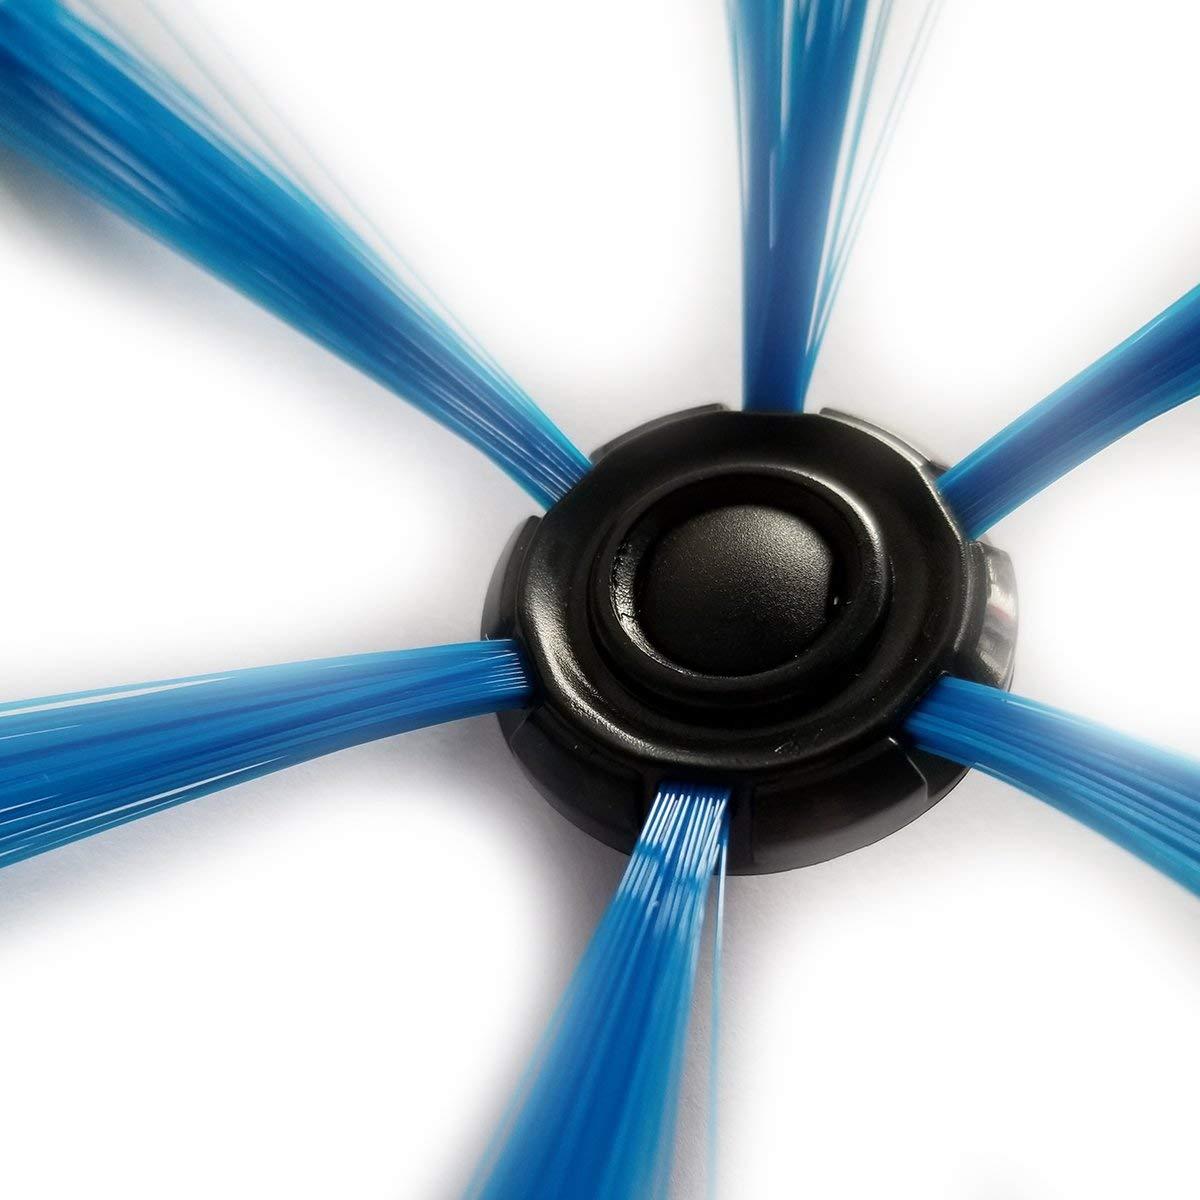 robomarket® Kit Recambios para Philips SmartPro Easy Active Compact fc8810 fc8820 FC8700 FC8710 fc8774 fc8776 2 cepillos laterales: Amazon.es: Bricolaje y herramientas